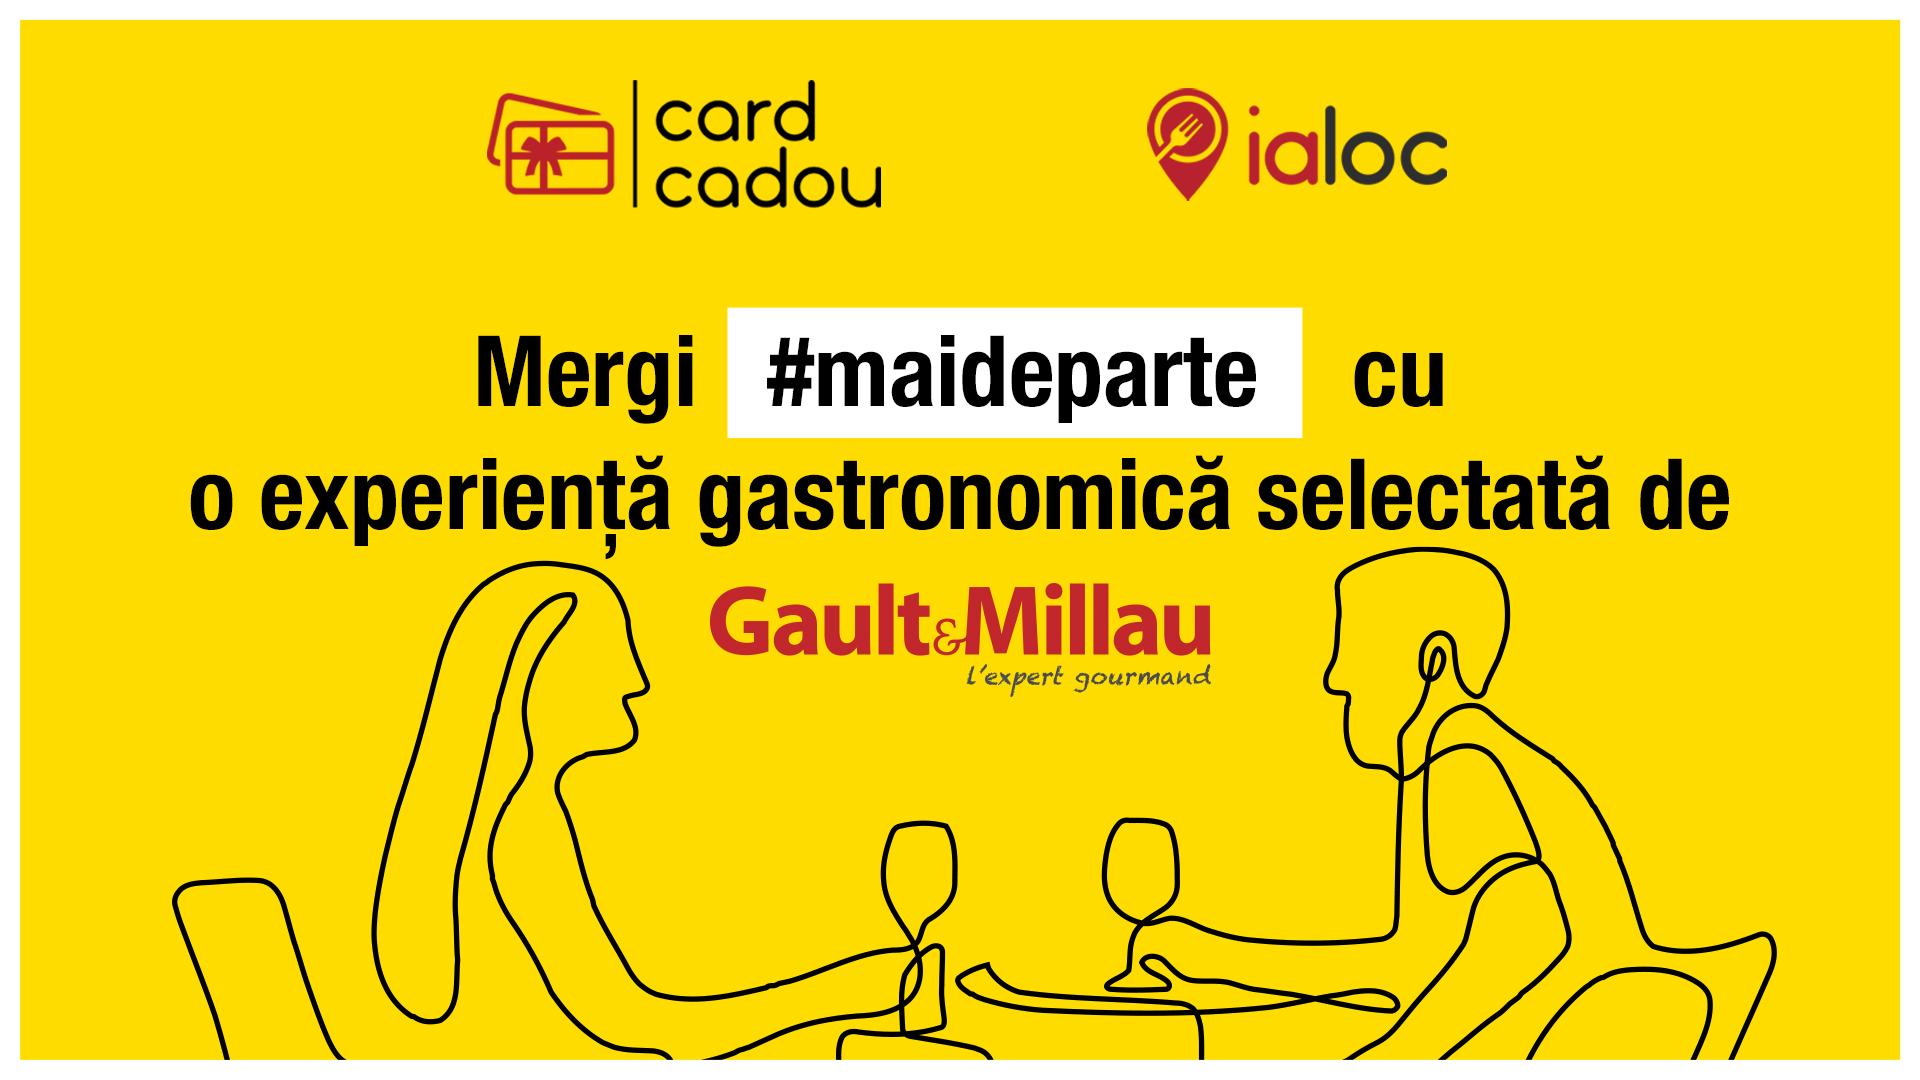 Gault&Millau și Ialoc devin parteneri în sprijinirea gastronomiei în România